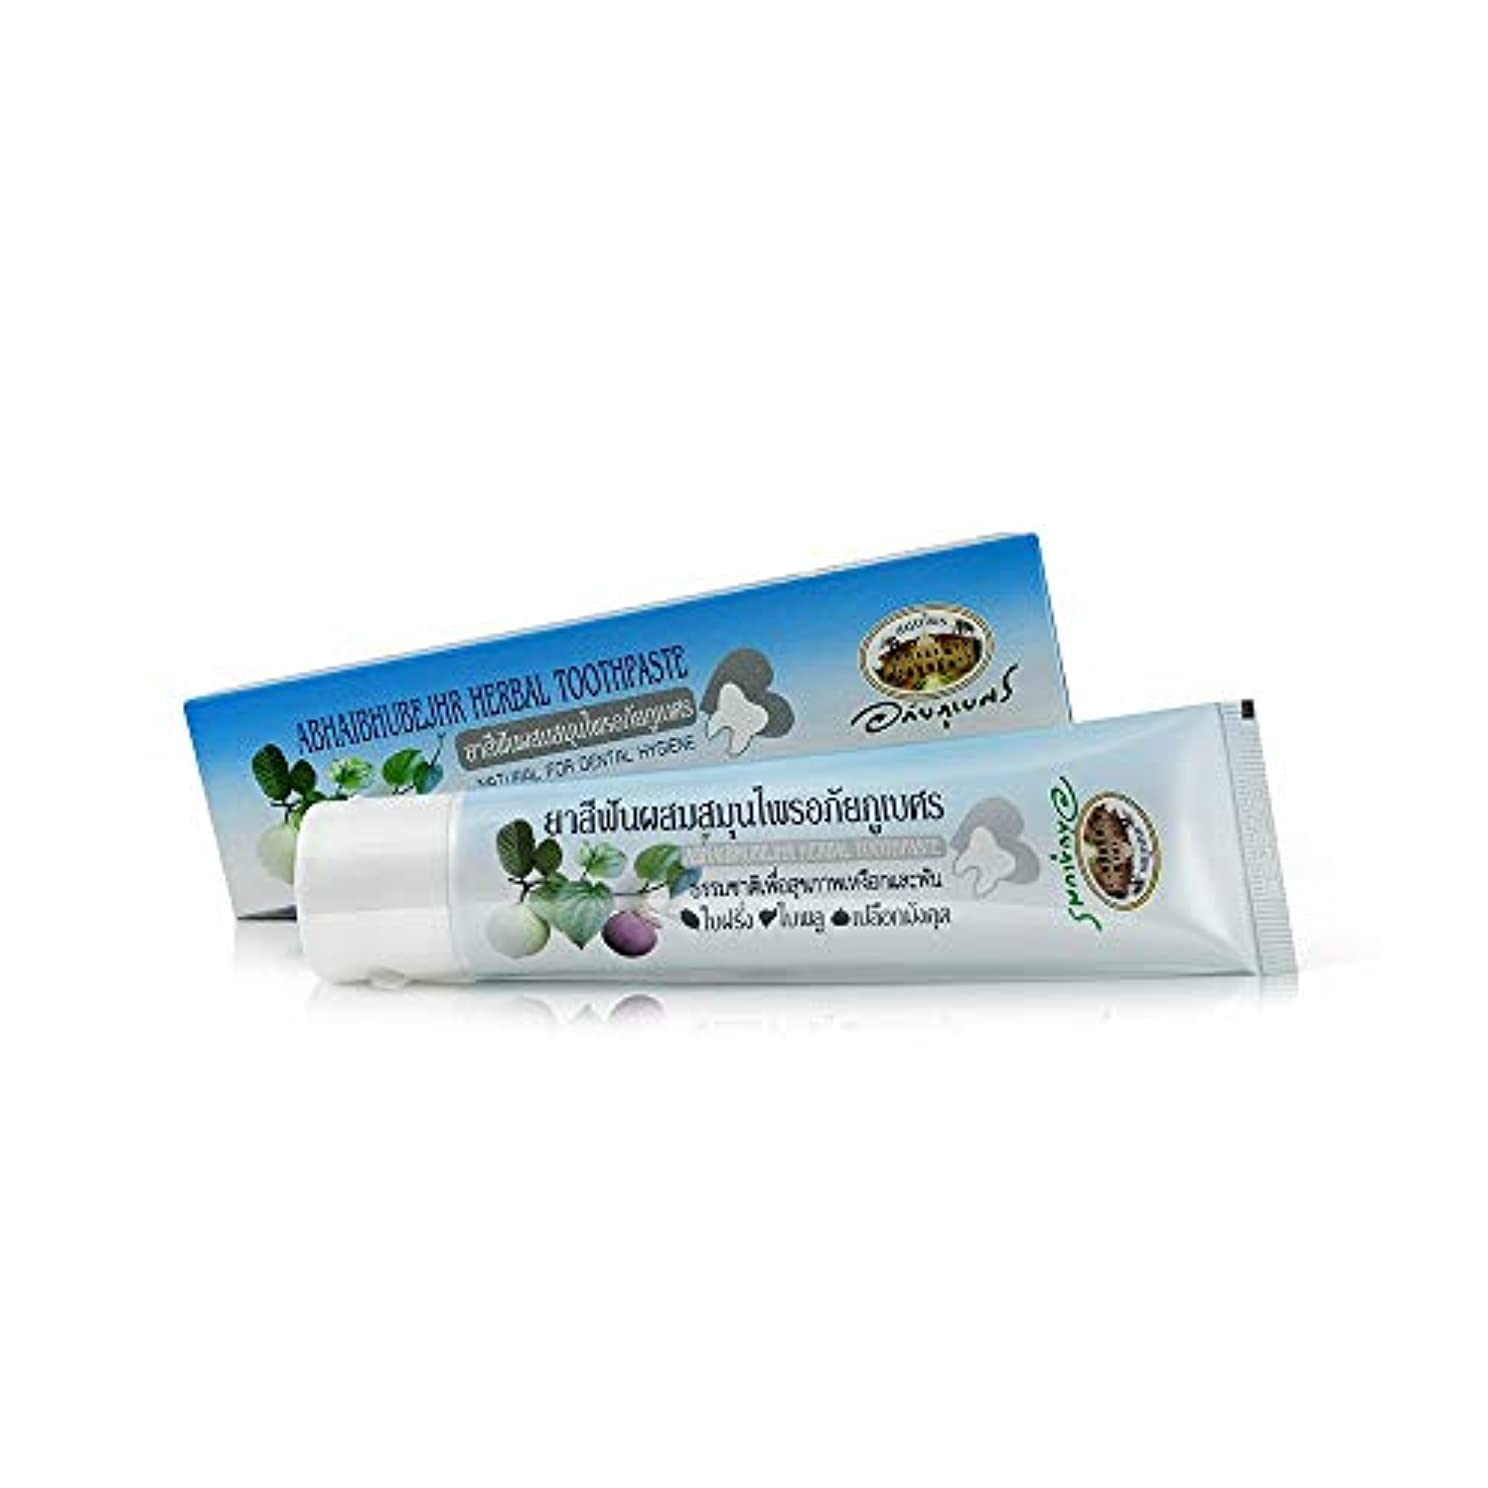 モザイク偽物通知するAbhaibhubejhr Herbal Toothpaste Natural For Dental Hygiene 歯科衛生のためのAbhaibhubejhrハーブ歯磨き粉ナチュラル (70g)